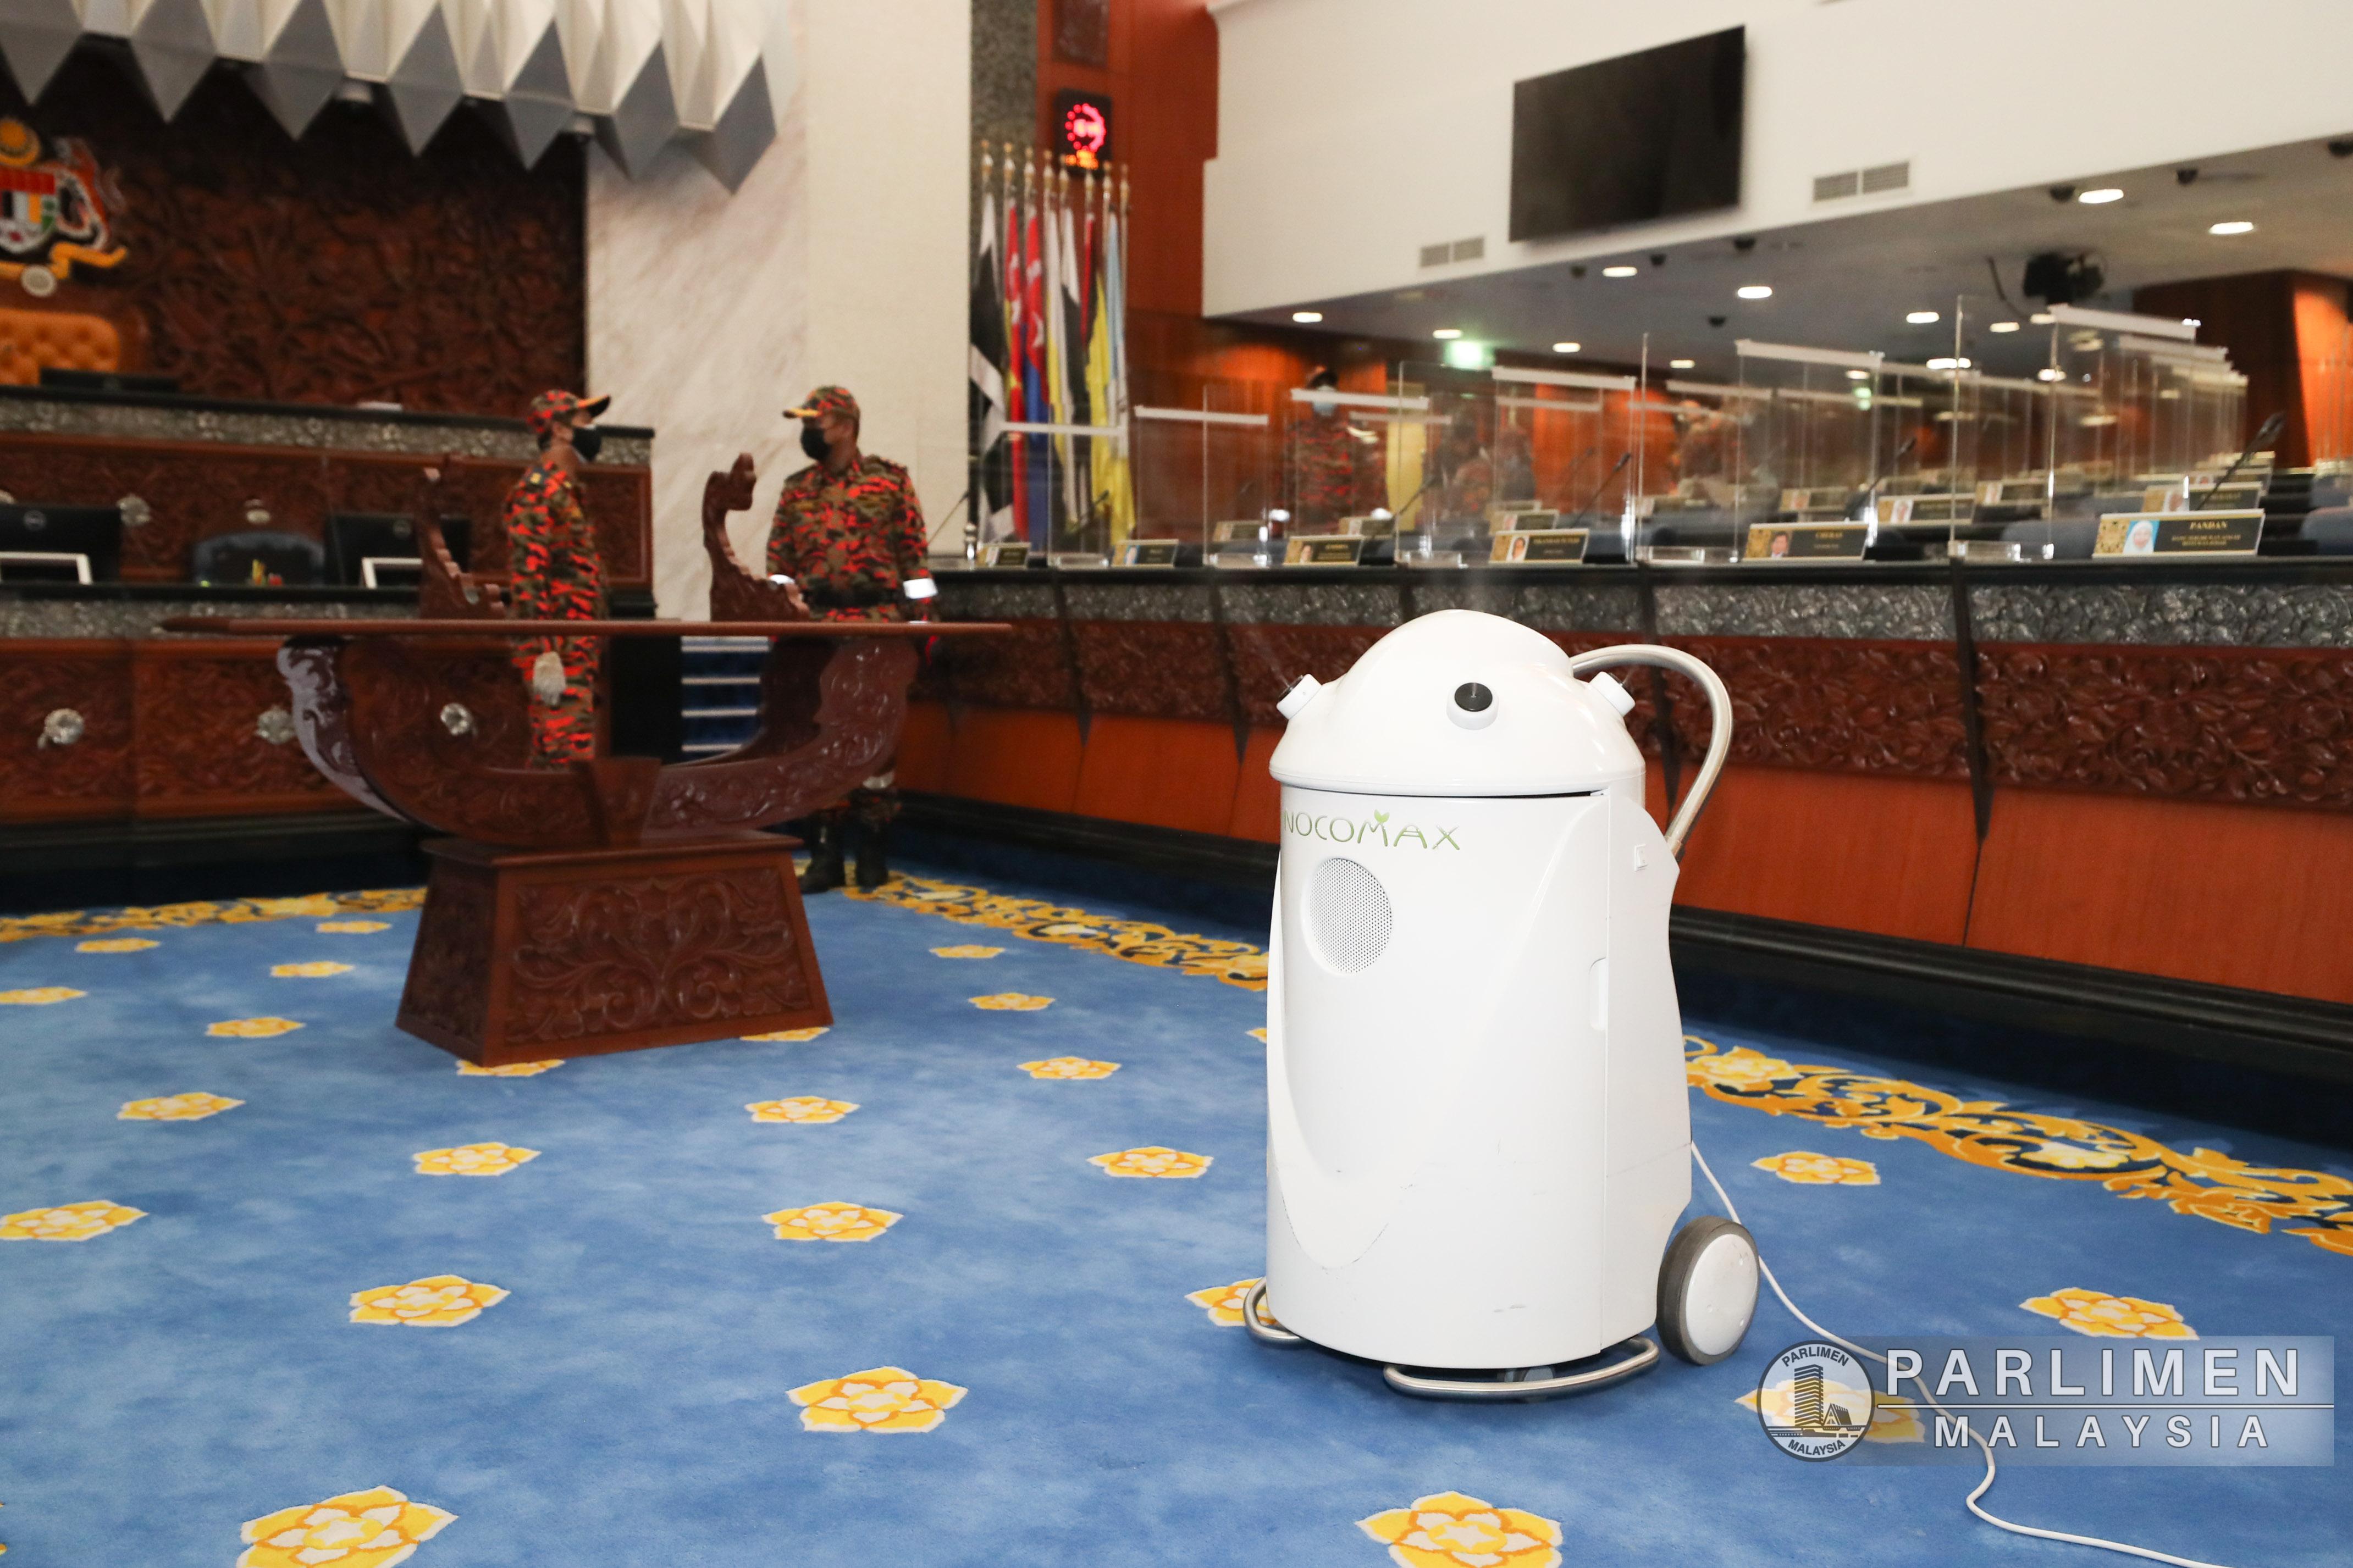 proses-disinfeksi-parlimen-malaysia-25-julai-2021--ahad-